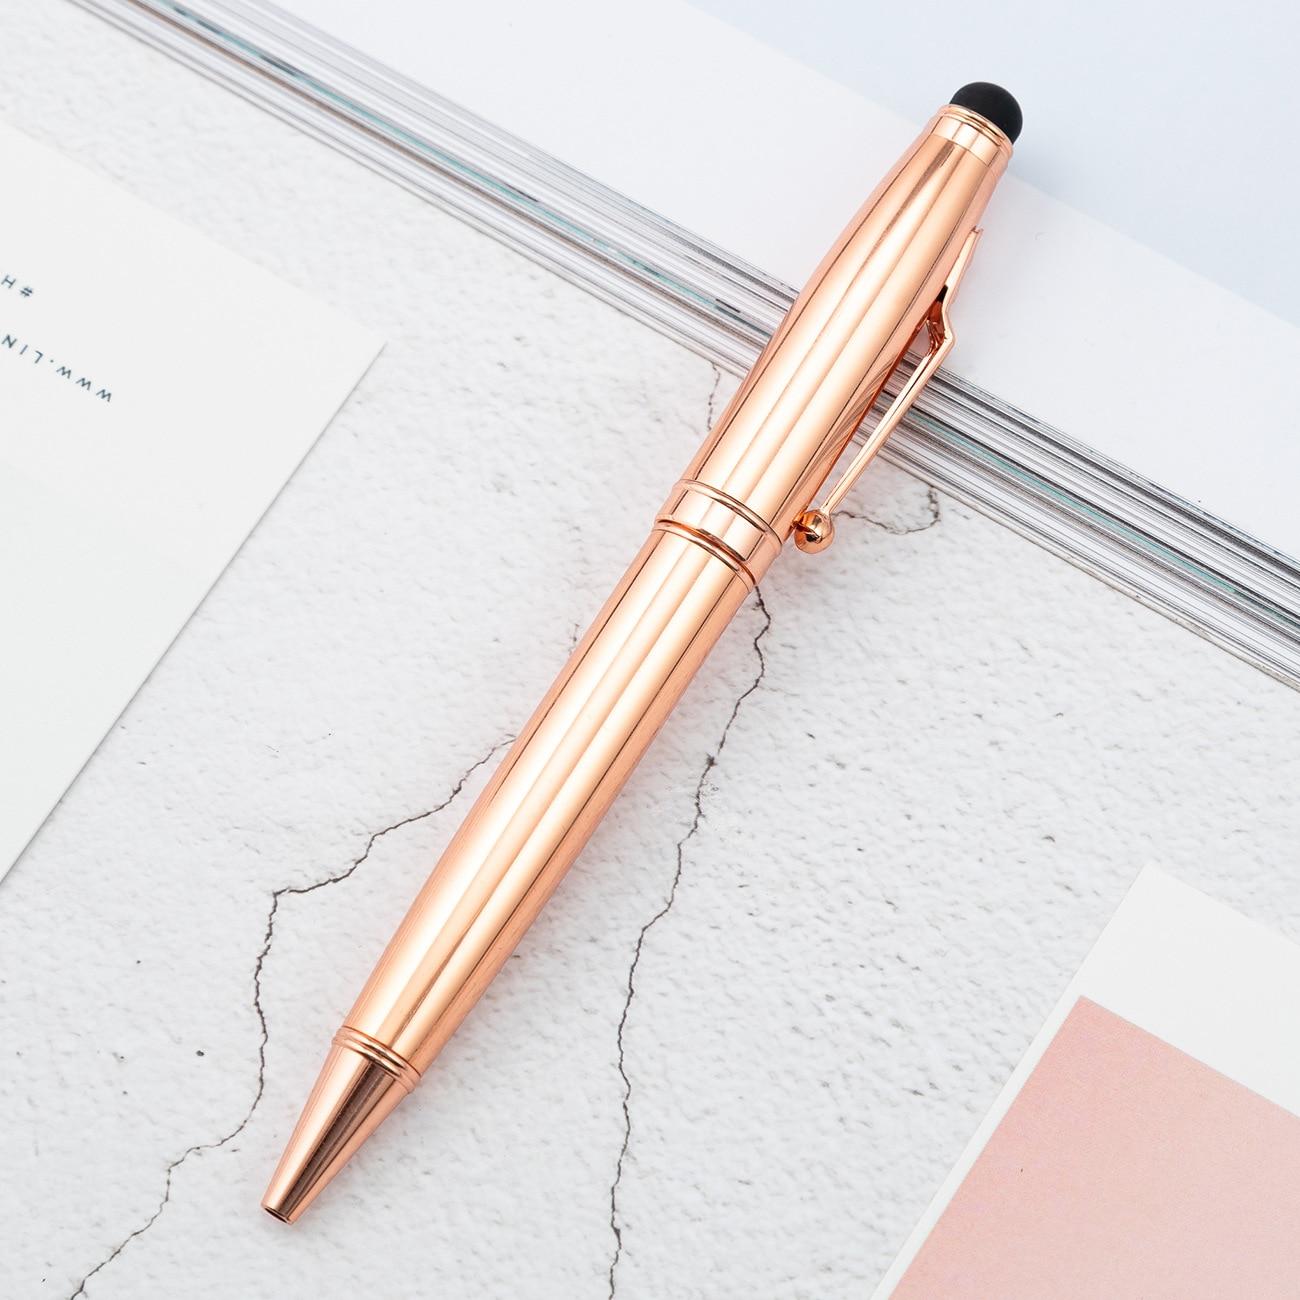 Stylo à bille multifonction de luxe en or Rose affaires écriture signature stylos tactiles fournitures de papeterie de bureau cadeau personnalisé